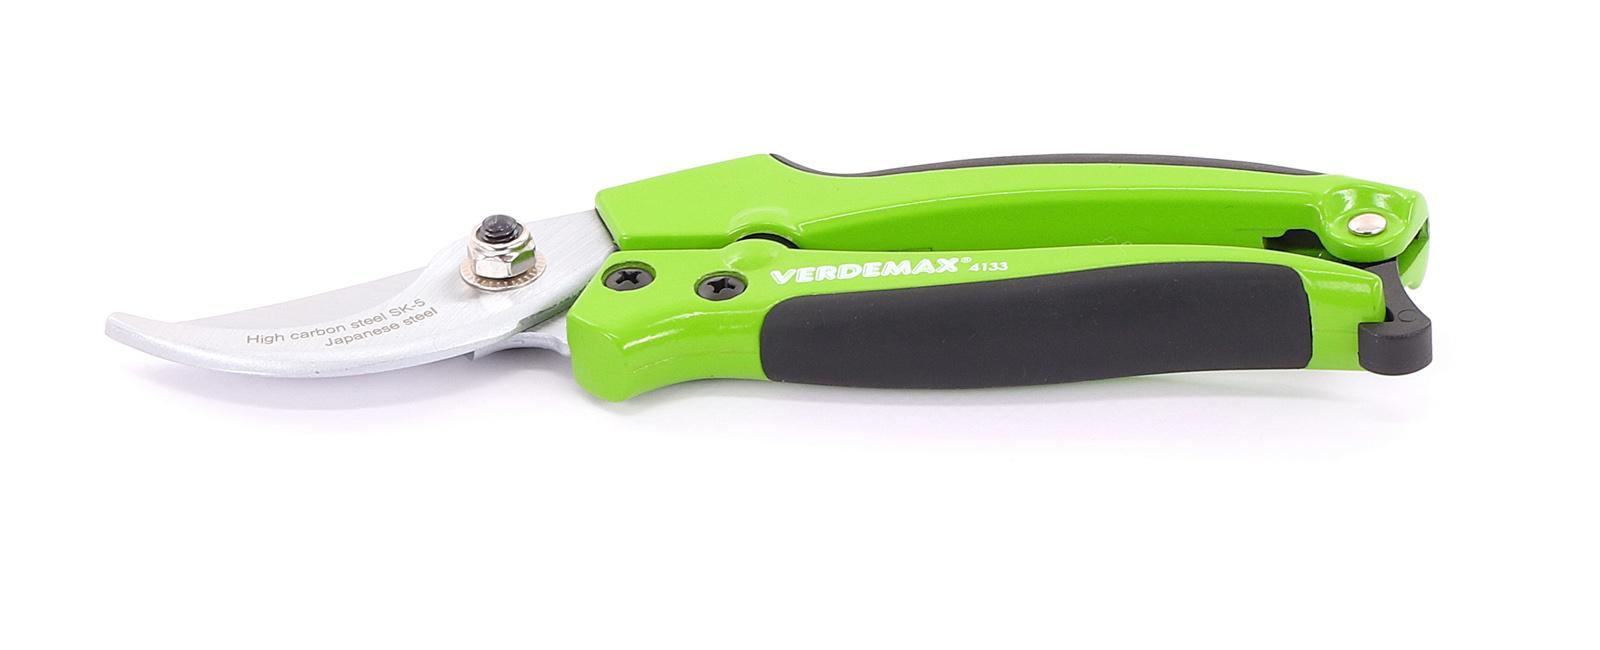 VERDEMAX nůžky 4133 Profi